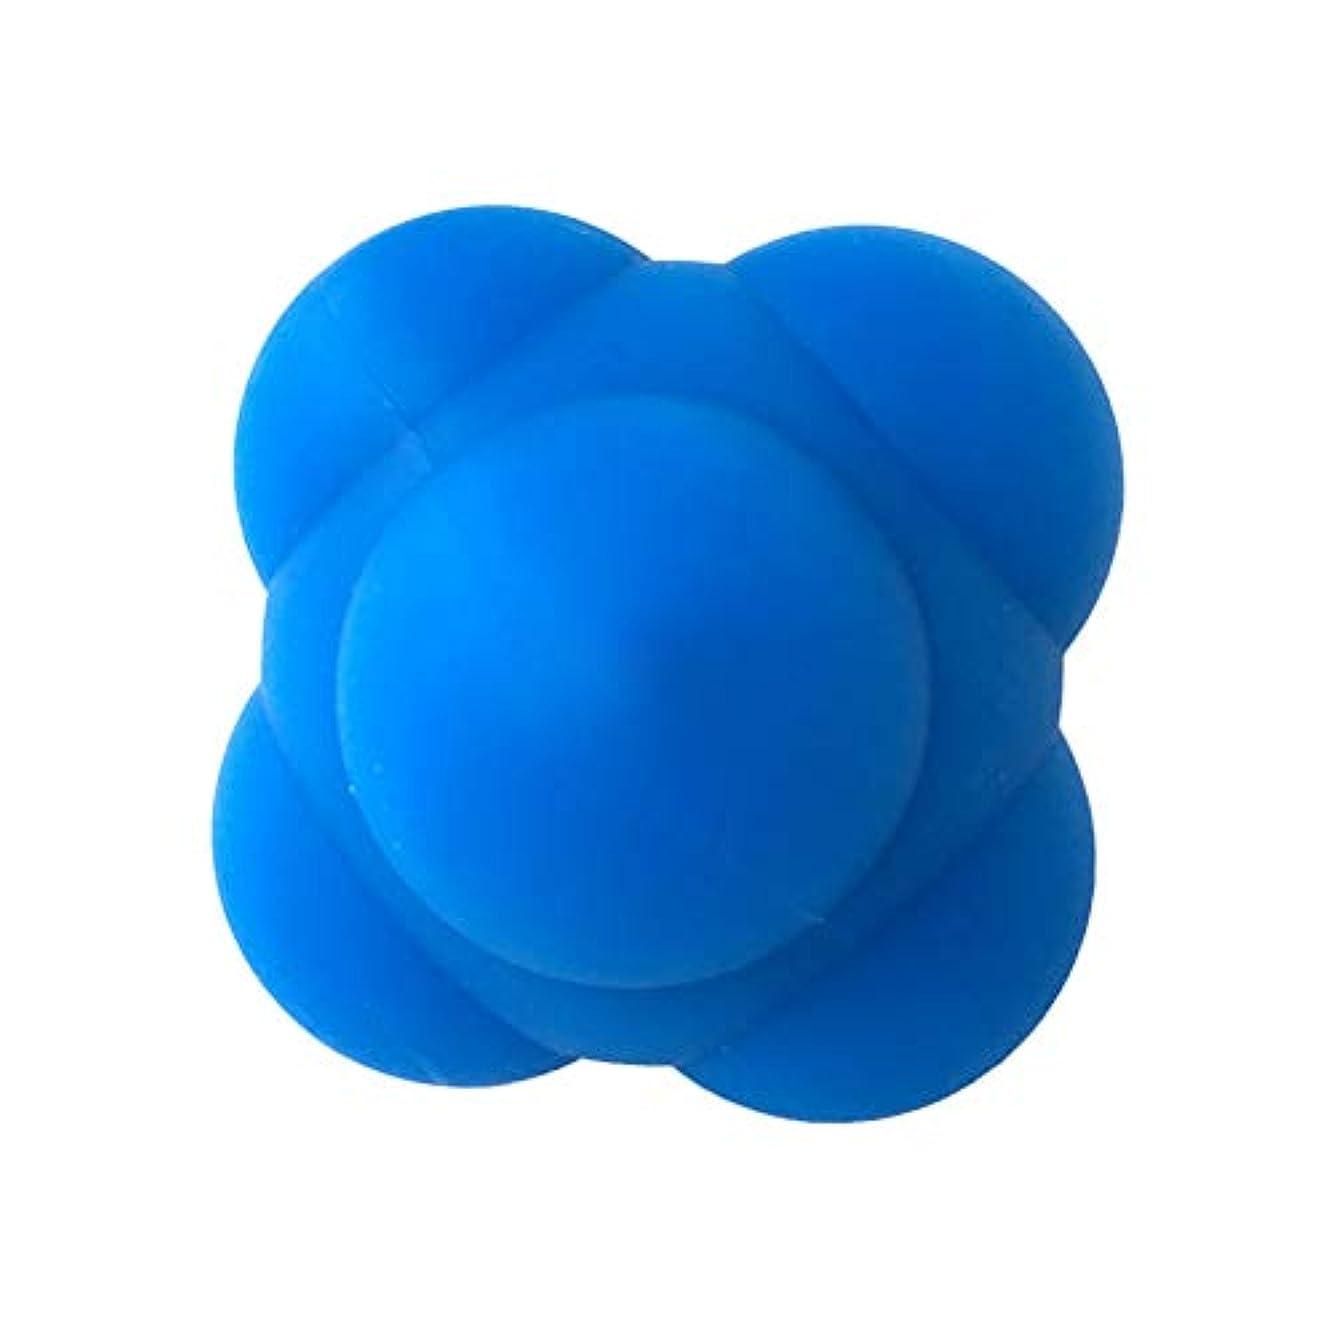 サーマルコショウ先祖Healifty 敏捷性とスピードのためのリアクションボールハンドアイコーディネーションブルー